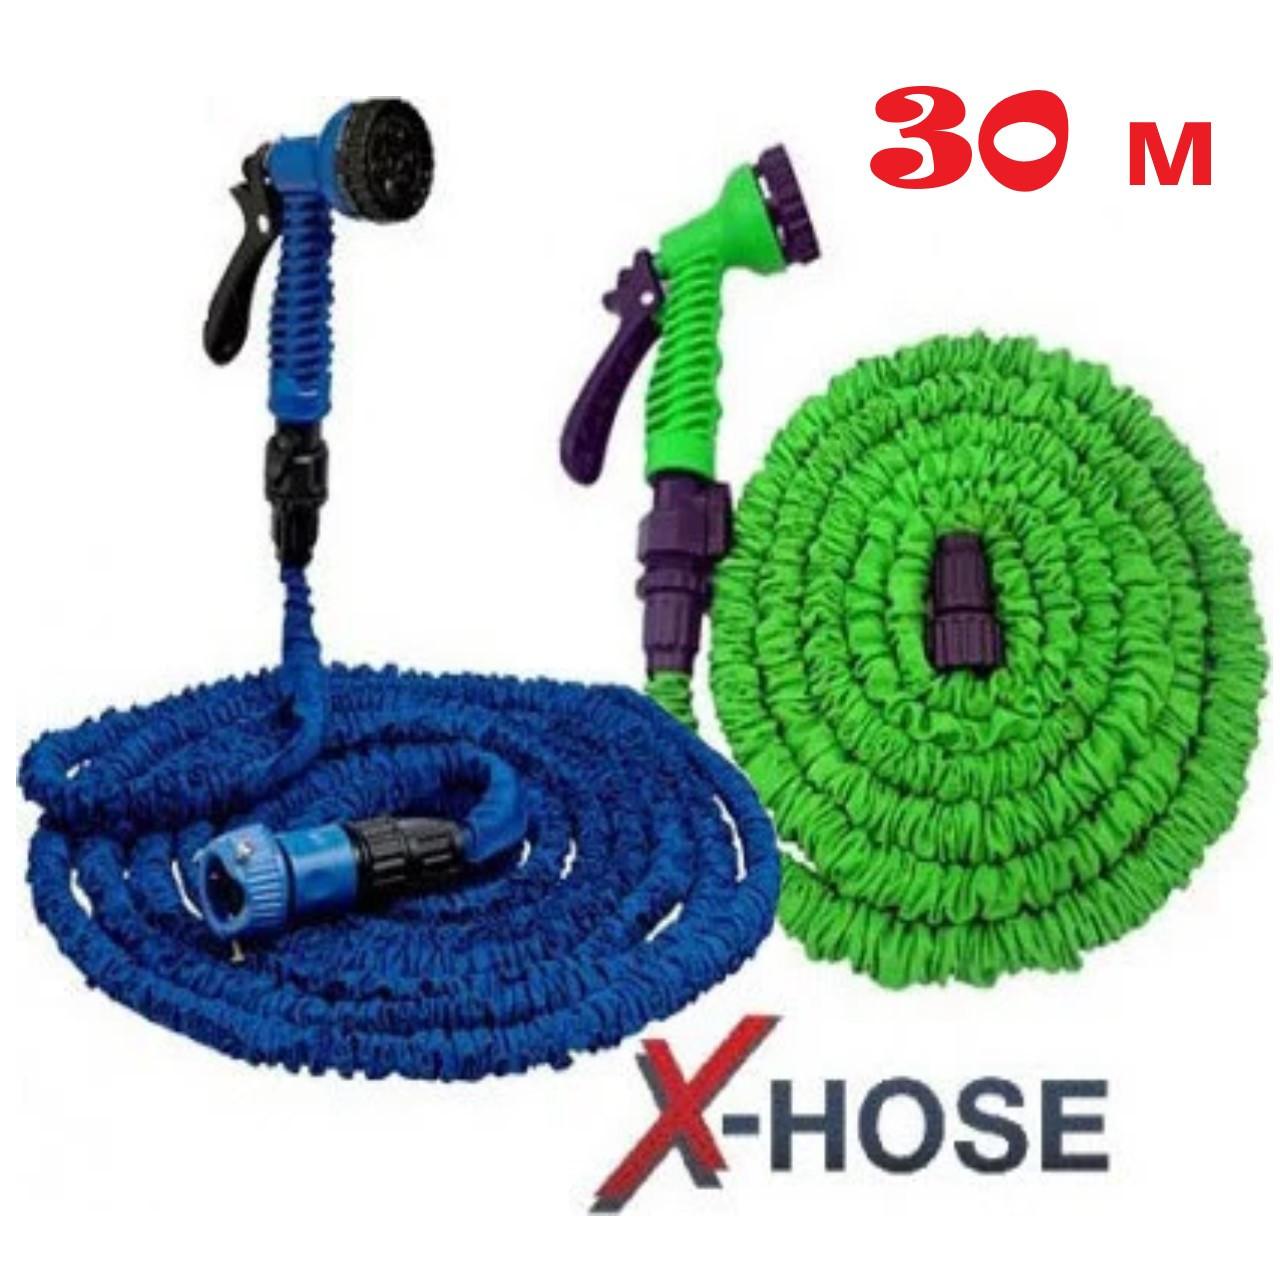 Растяжной чудо шланг для полива с распылителем   X-hose 30 метров (100 fut) (Реплика)